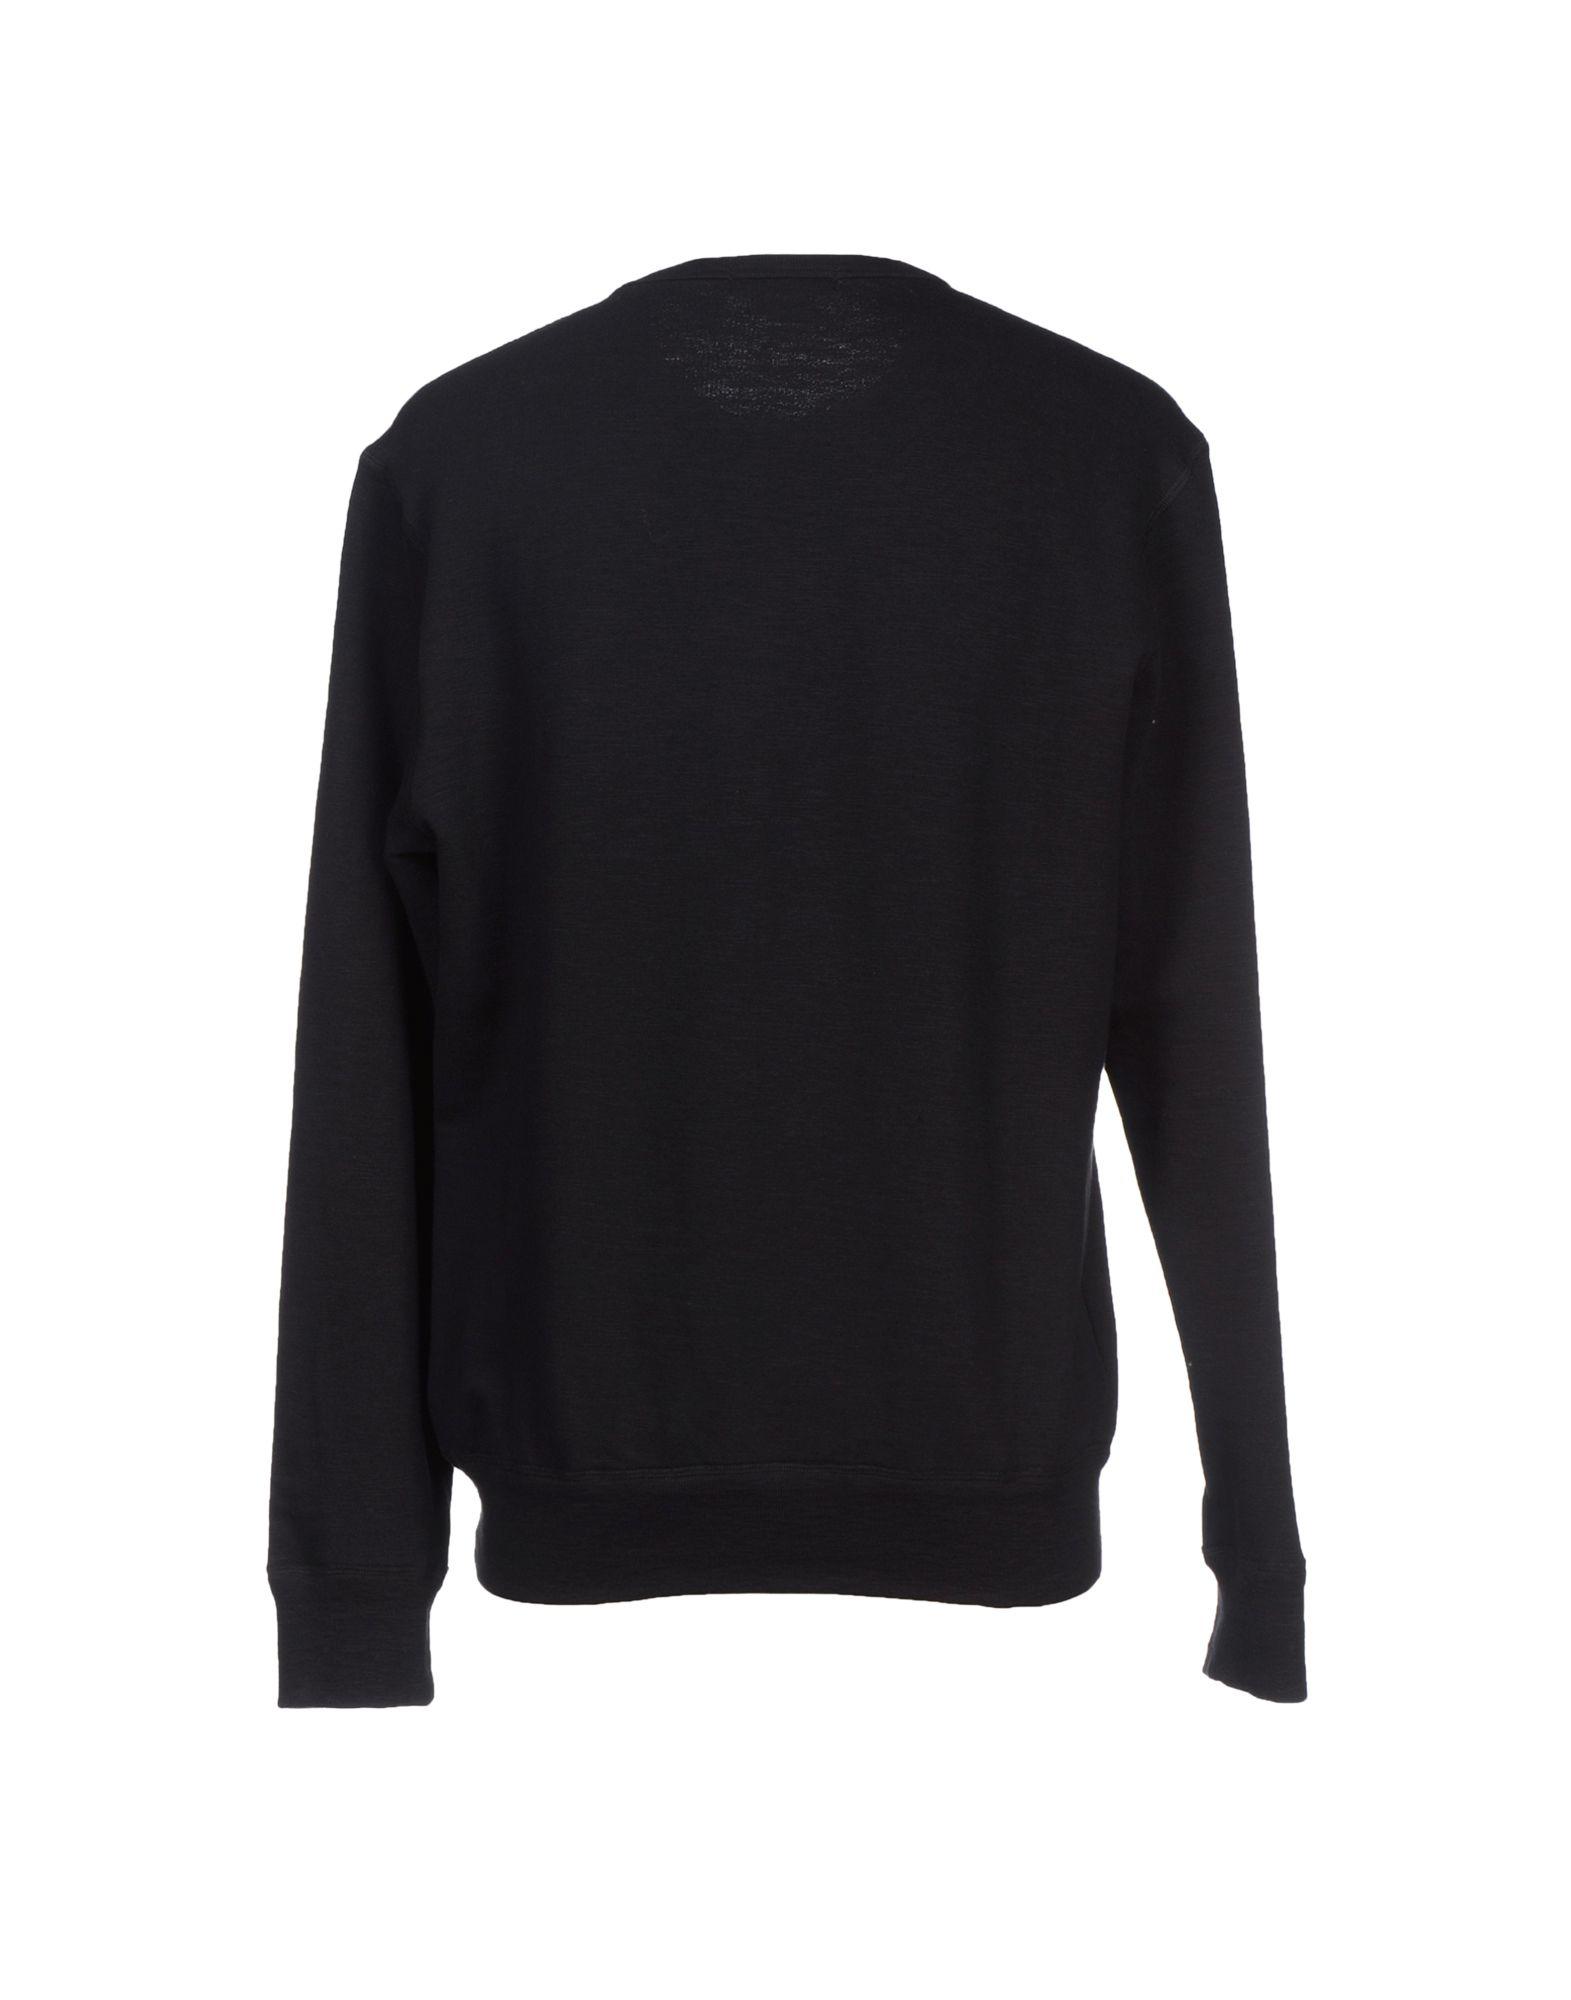 alexander mcqueen sweatshirt in black for men lyst. Black Bedroom Furniture Sets. Home Design Ideas